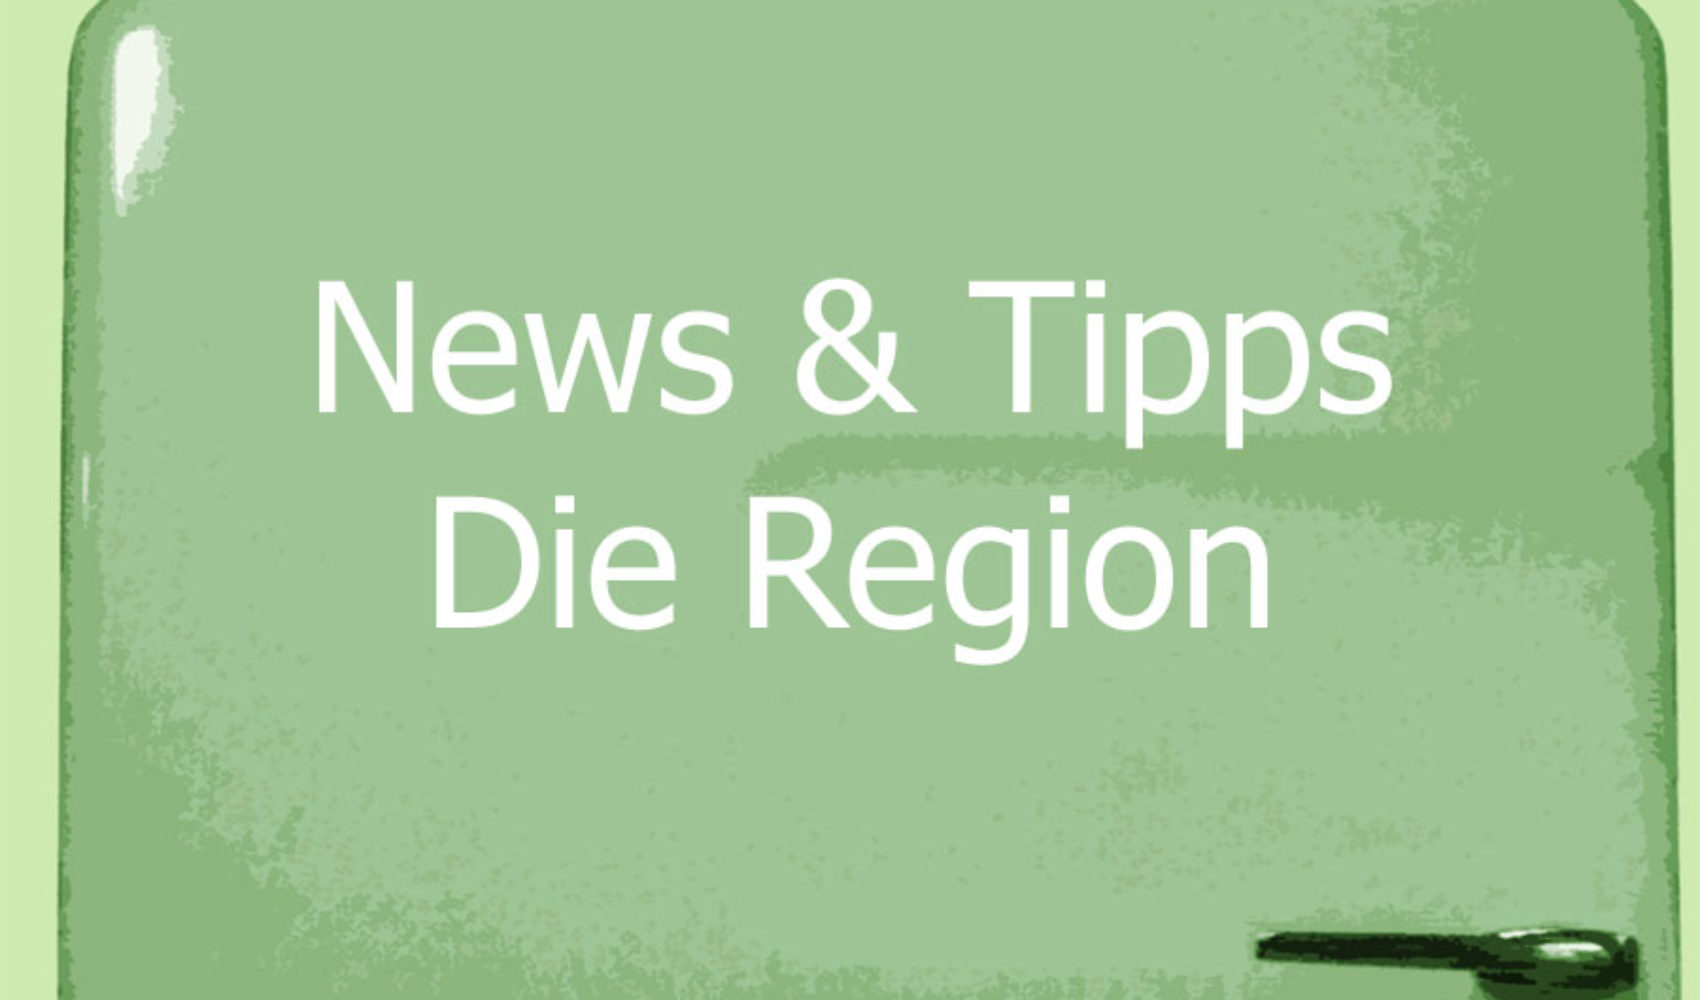 New & Tipps: Ein Hoch auf die Region